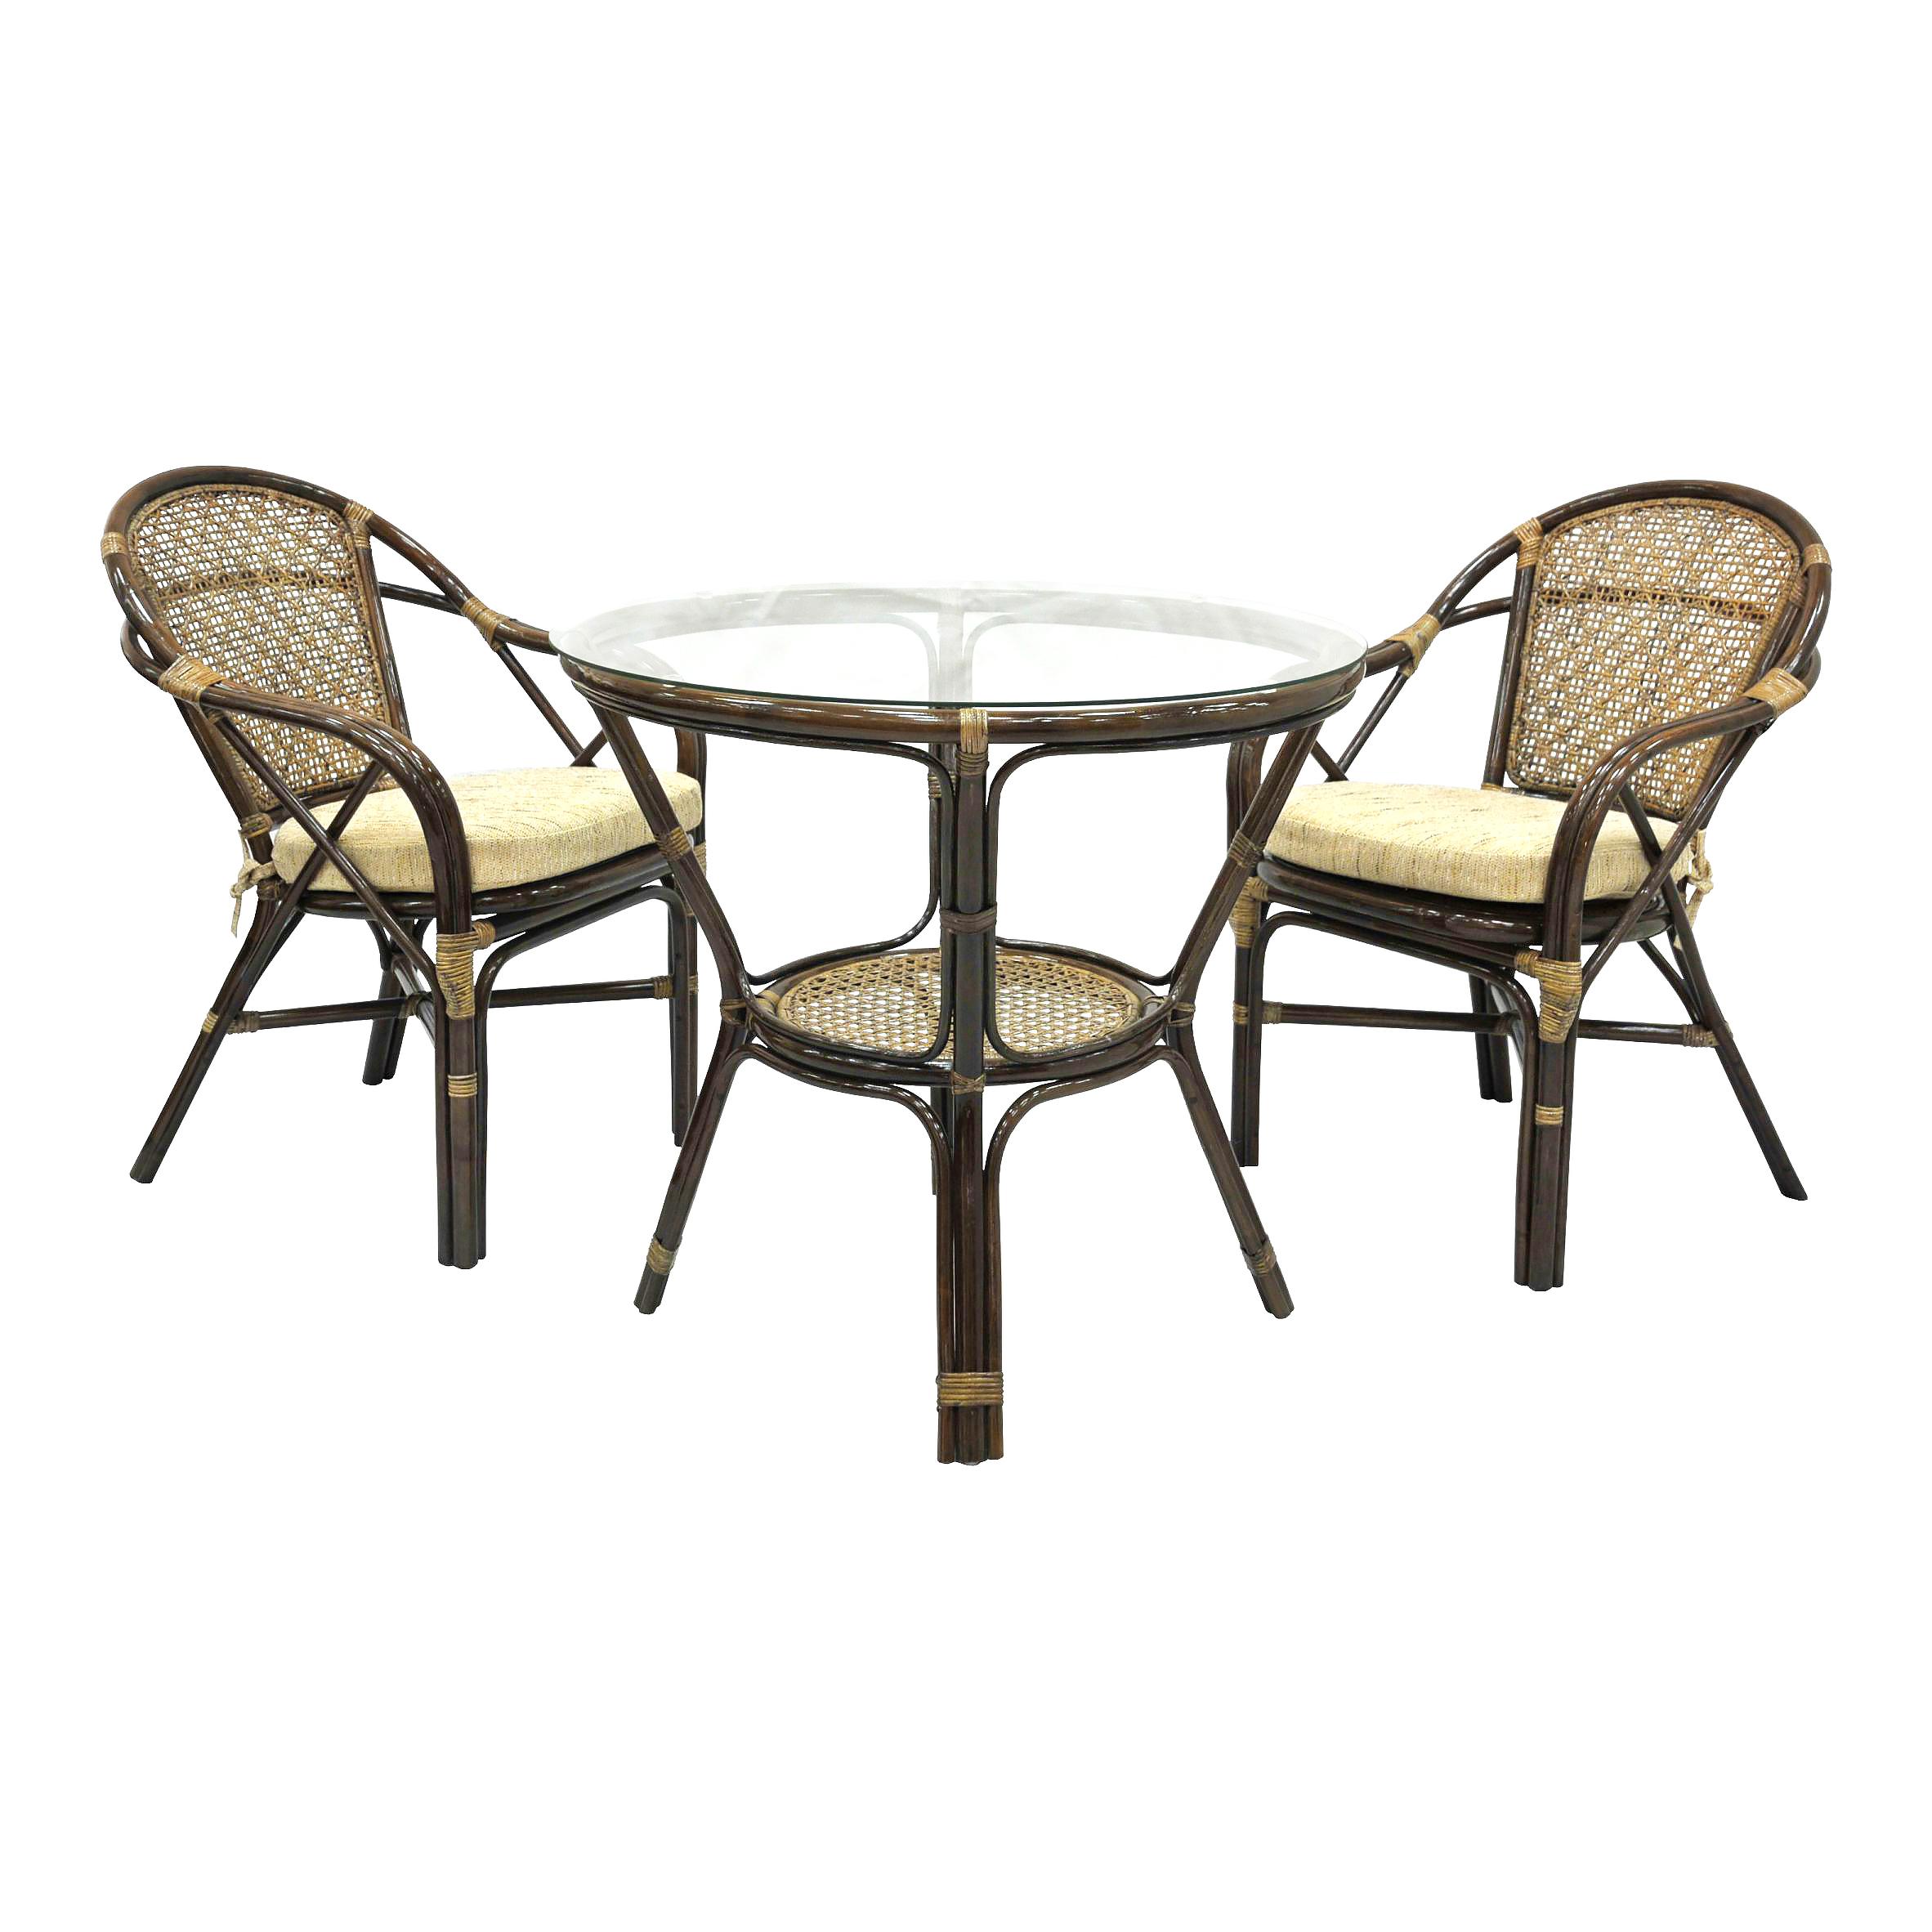 Комплект обеденный Ellena (стол+2 кресла)&amp;lt;div&amp;gt;&amp;lt;div&amp;gt;Комплект состоит из обеденного стола со стеклом на присосках и двух стульев с мягкими подушками на сидении.&amp;lt;/div&amp;gt;&amp;lt;div&amp;gt;&amp;lt;br&amp;gt;&amp;lt;/div&amp;gt;Материал каркаса: натуральный ротанг.&amp;lt;div&amp;gt;Мягкая обивка/подушка: ткань рогожка.&amp;lt;/div&amp;gt;&amp;lt;div&amp;gt;Размер столика: диаметр 74 см, высота 78 см.&amp;lt;/div&amp;gt;&amp;lt;div&amp;gt;Размер каждого стула: 63х88х70 см.&amp;lt;/div&amp;gt;&amp;lt;/div&amp;gt;<br><br>Material: Ротанг<br>Width см: None<br>Depth см: None<br>Height см: 78<br>Diameter см: 74